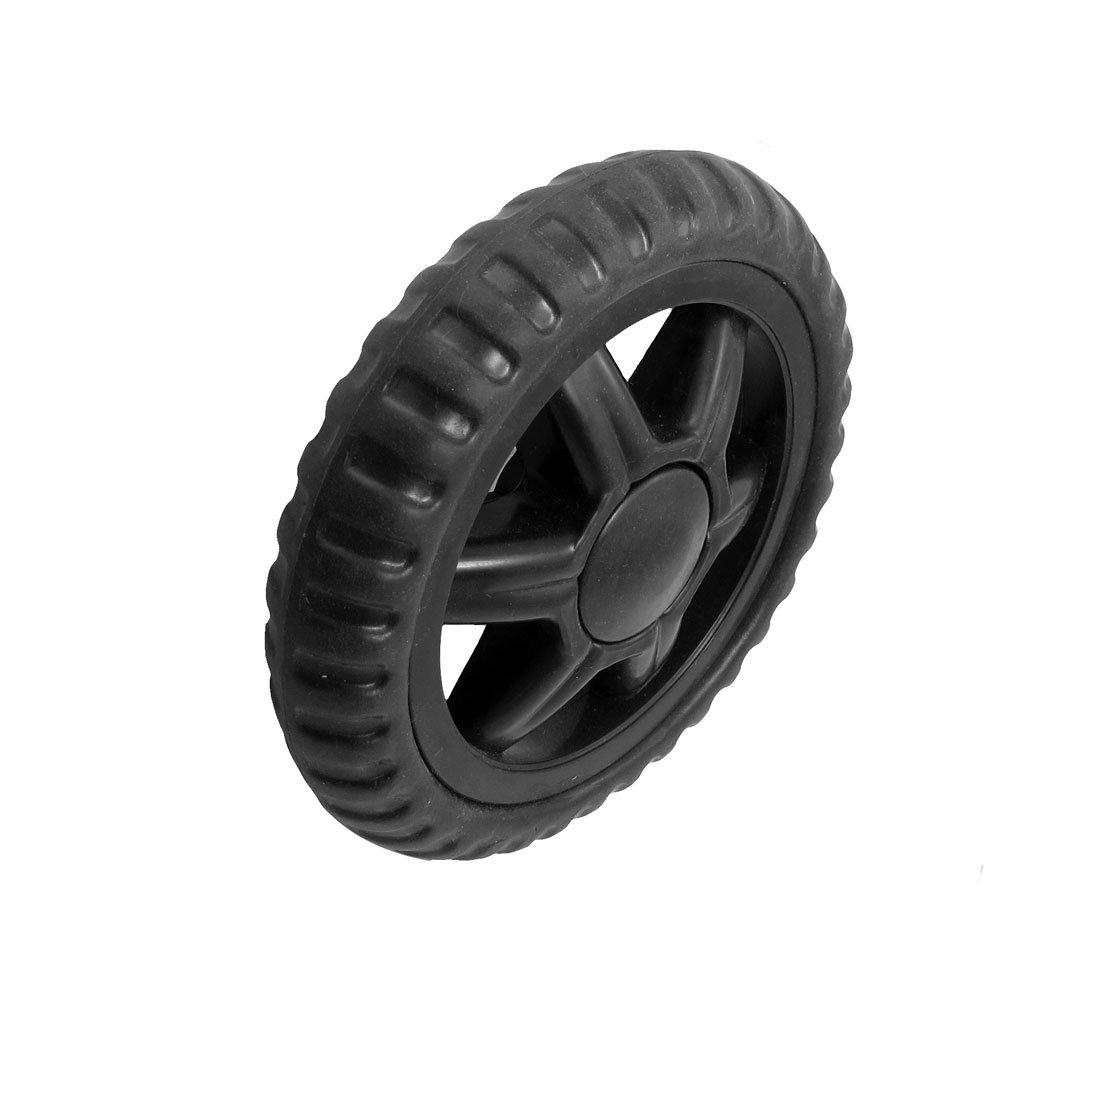 Sourcingmap a12101600ux0433 - Ruedas de repuesto (2 unidades, para maleta con ruedas o carrito de la compra, goma), color negro: Amazon.es: Industria, ...